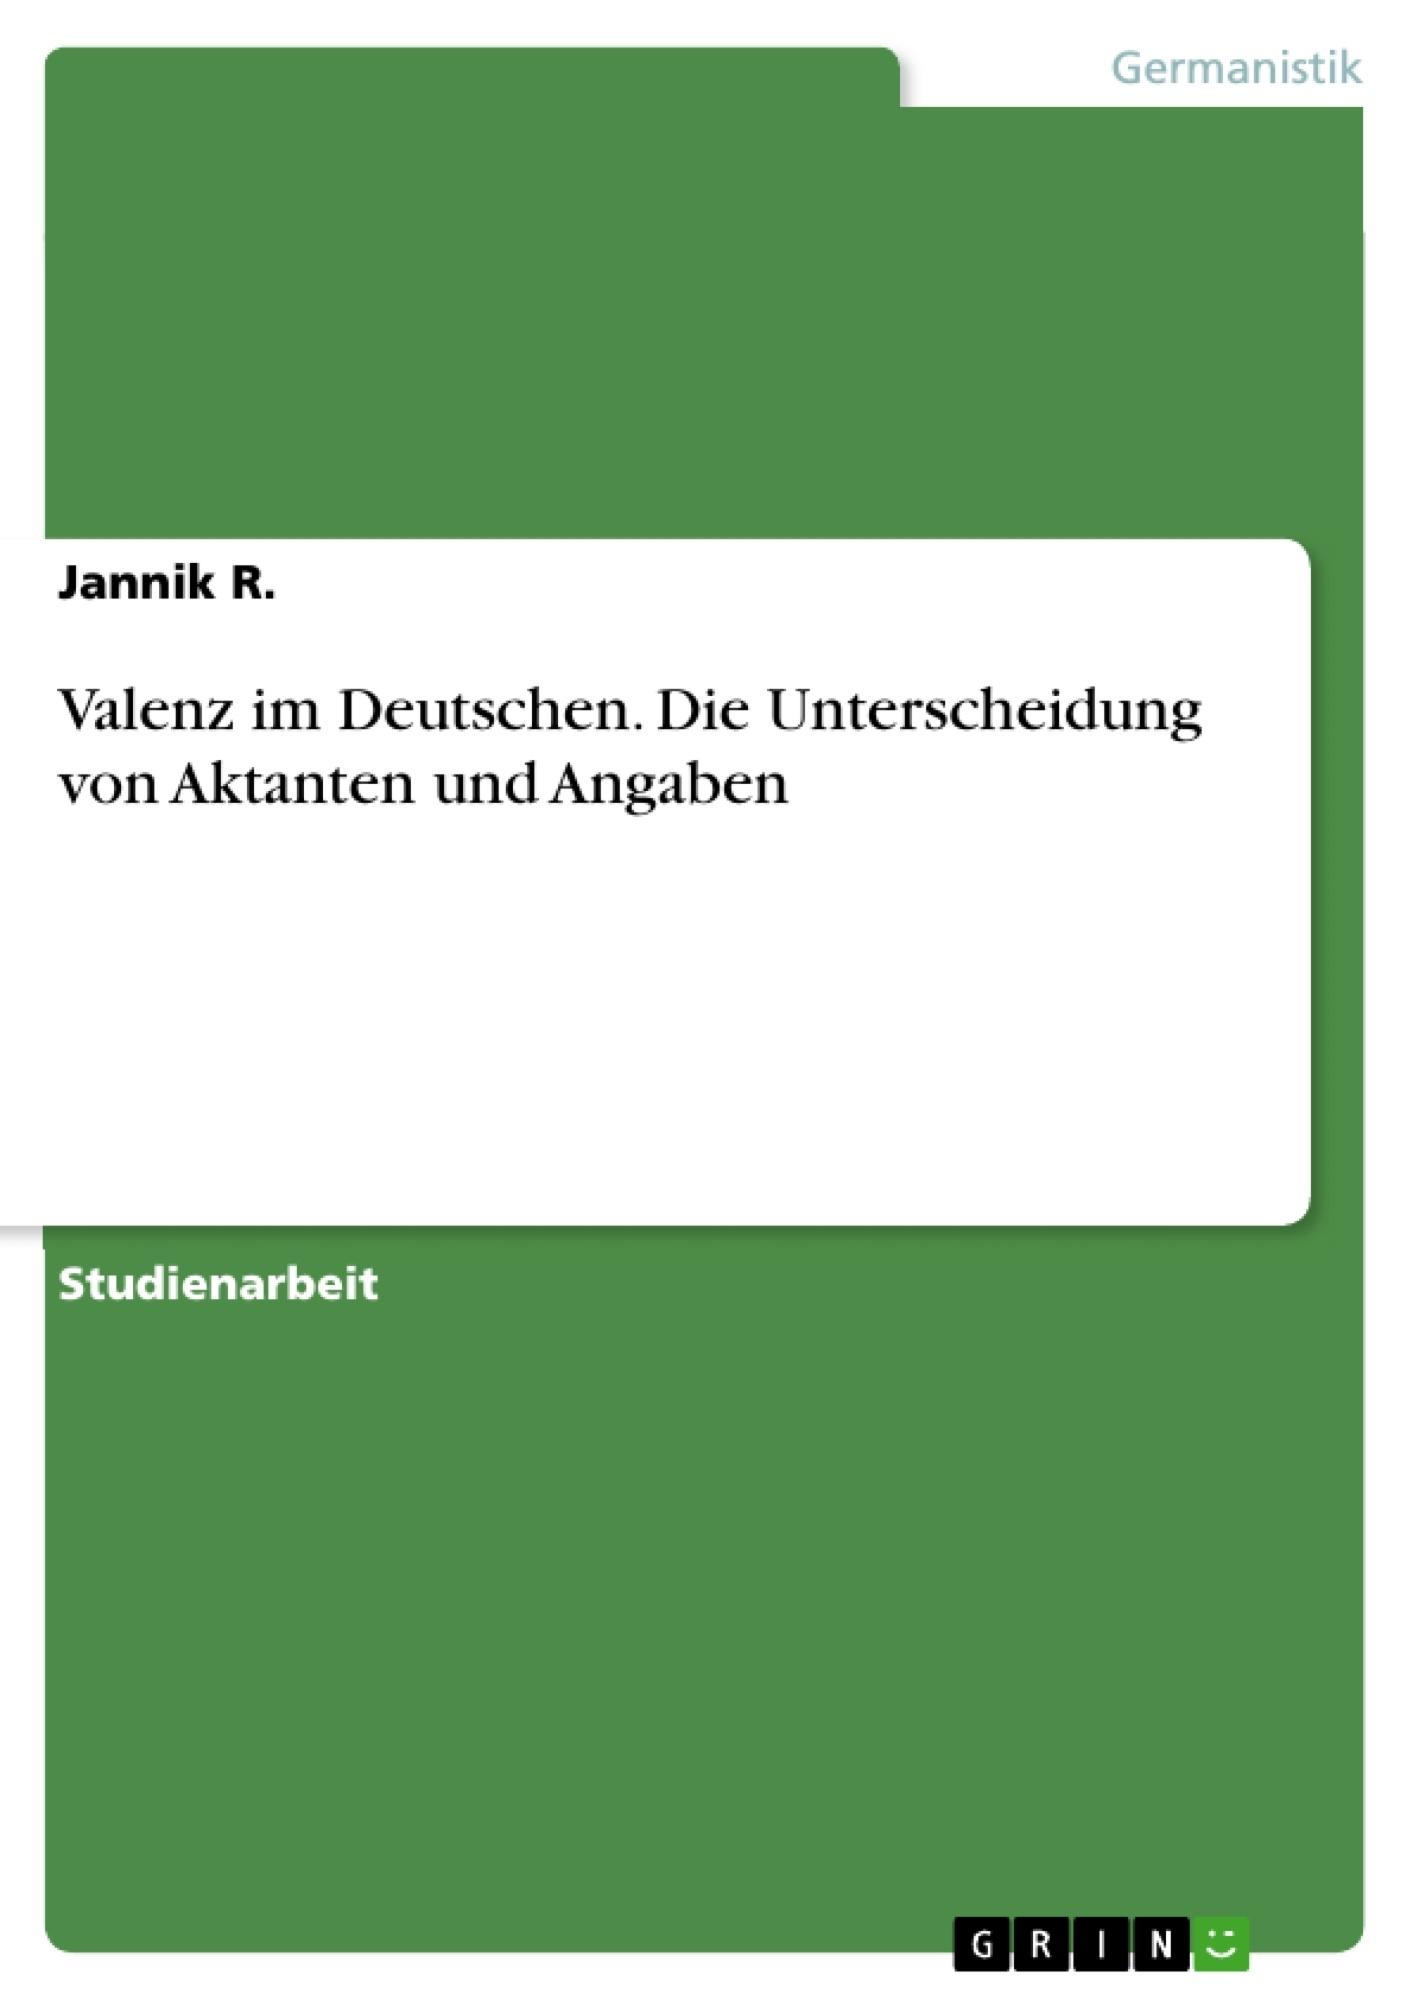 Titel: Valenz im Deutschen. Die Unterscheidung von Aktanten und Angaben